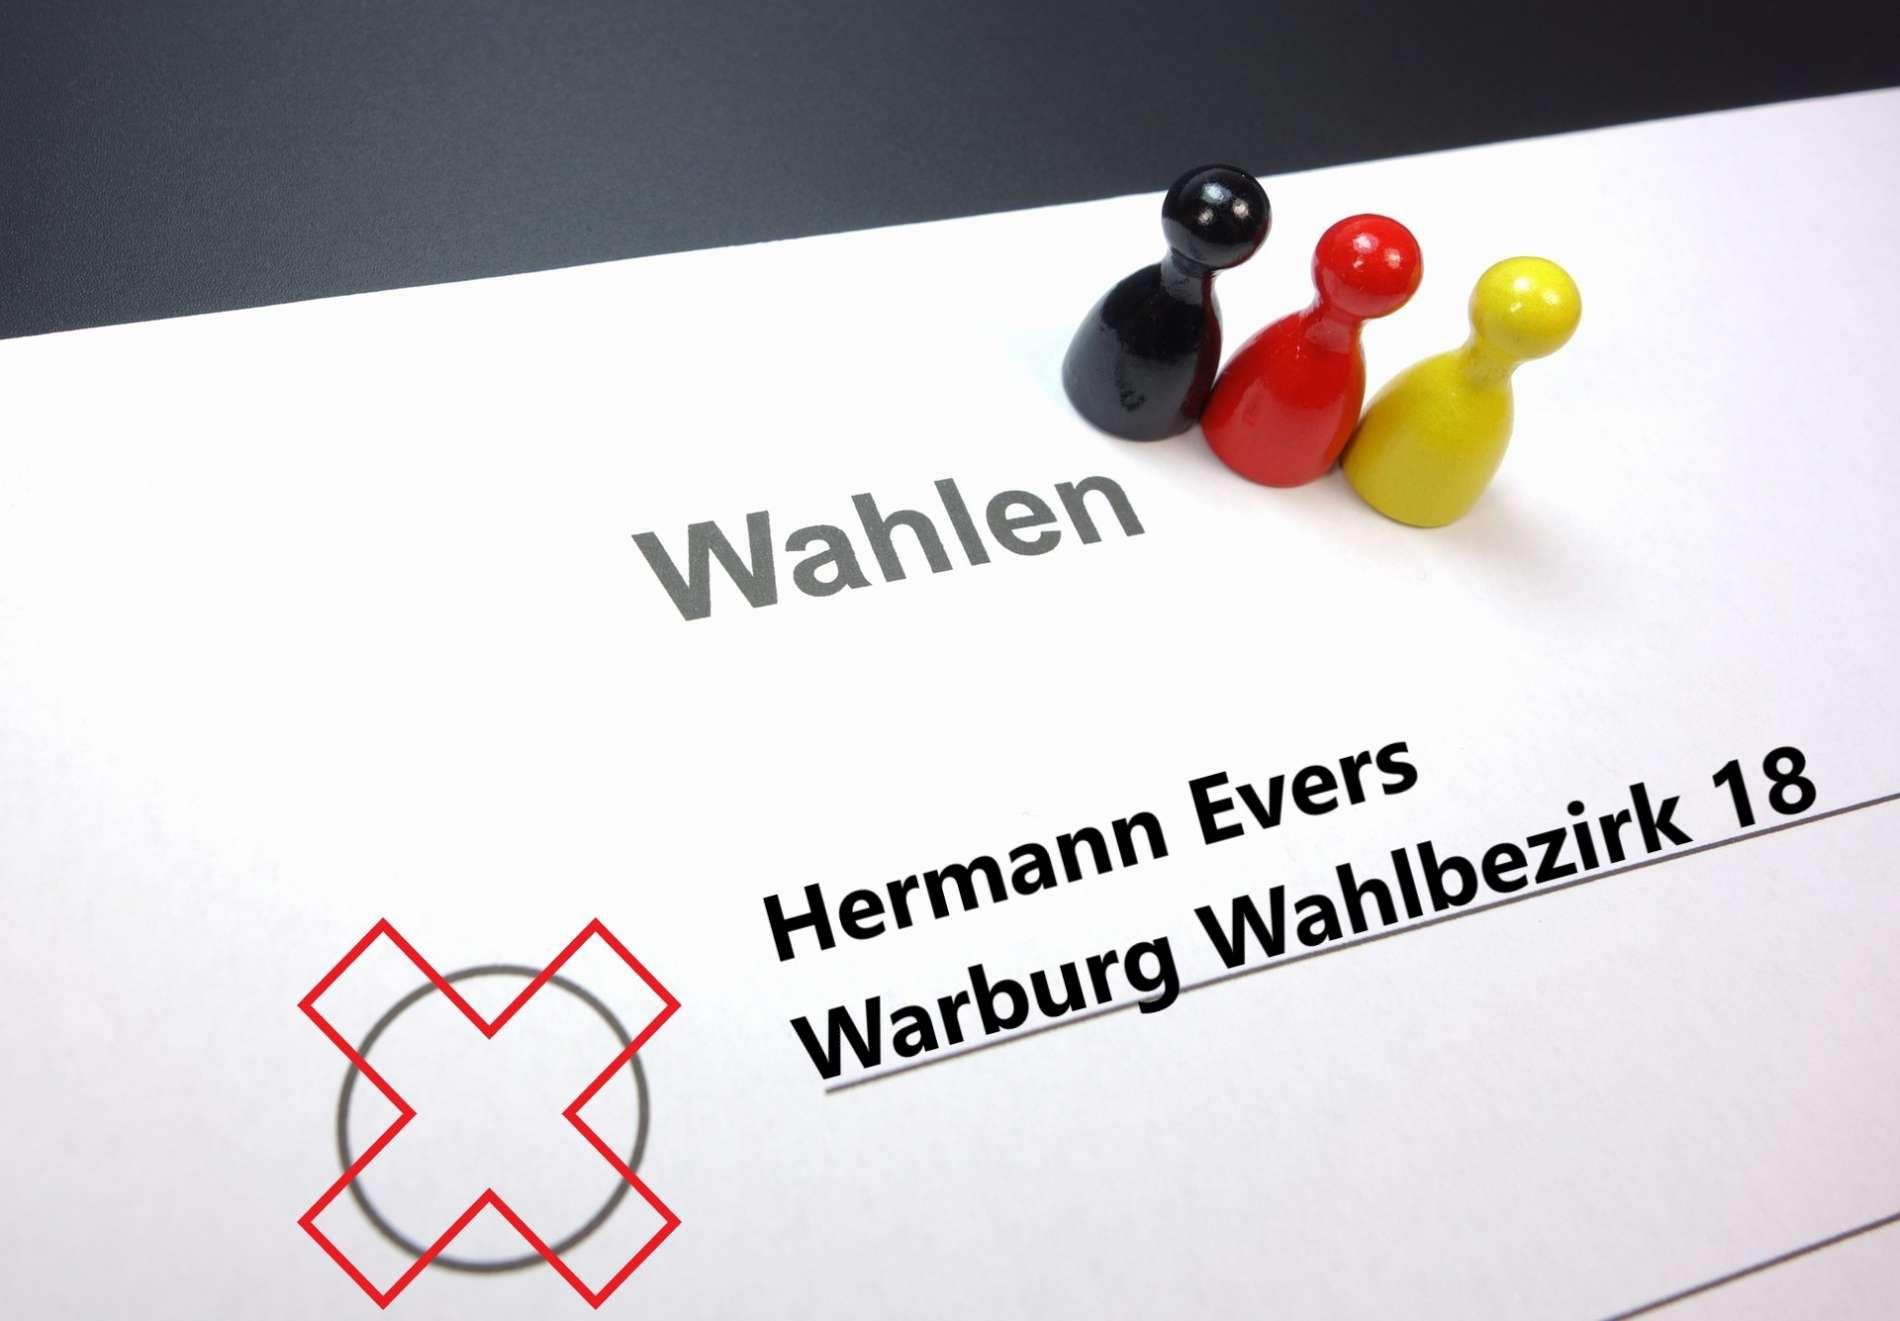 Kommunalwahlen / Gemeinderatswahlen in Warburg: Hermann Evers tritt im Wahlbezirk 18 an